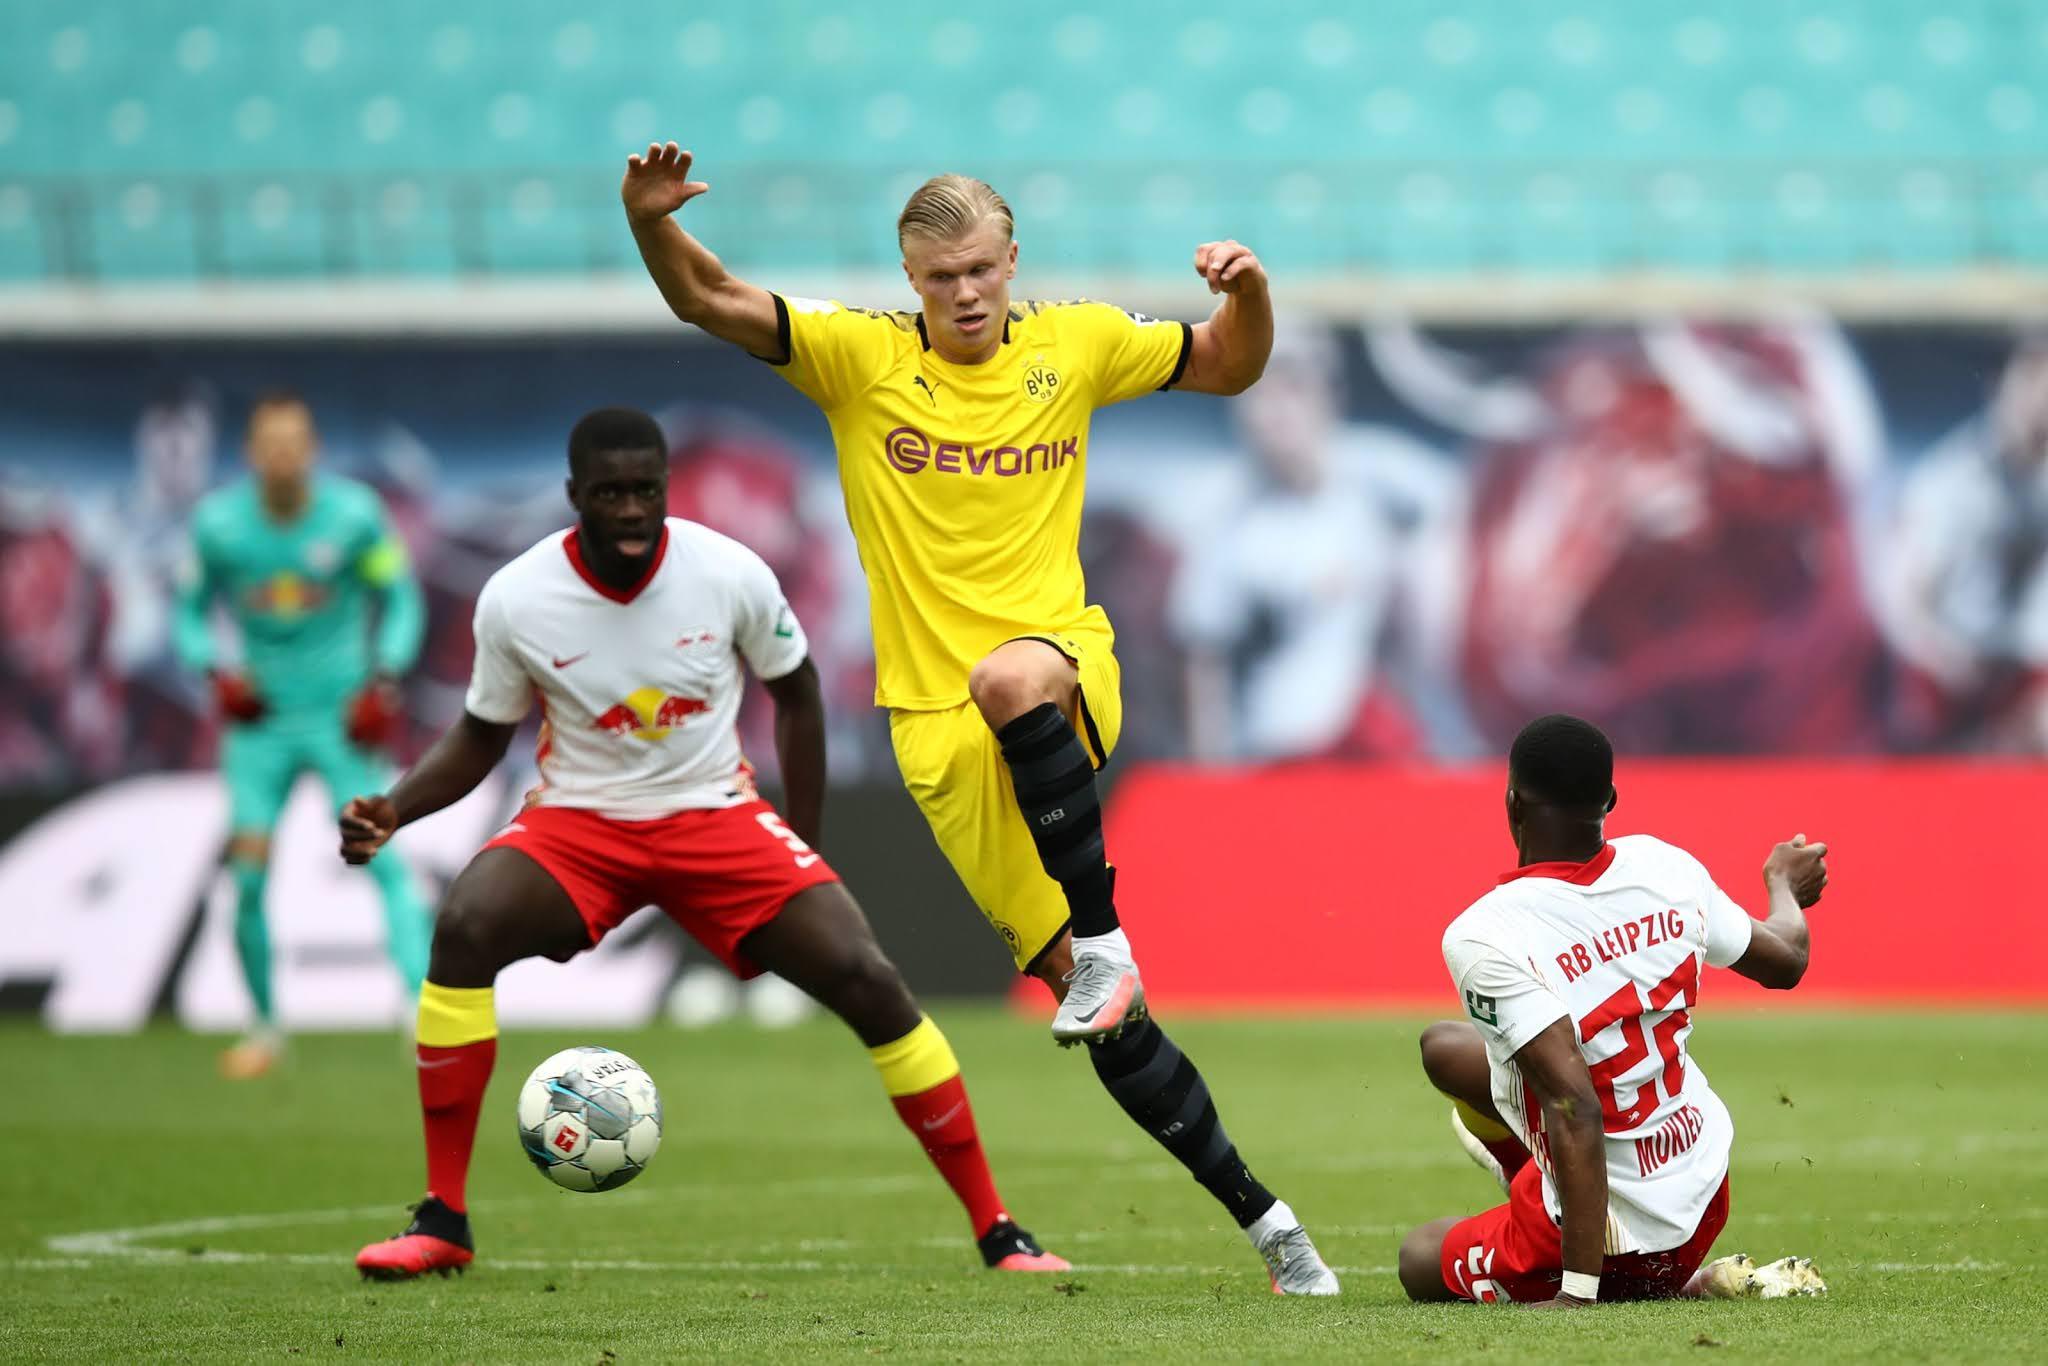 بروسيا دورتموند يستقبل لايبزيج .. والبايرن يستضيف مونشنجلادباخ .. دليلك الشامل للجولة 32 من الدوري الألماني